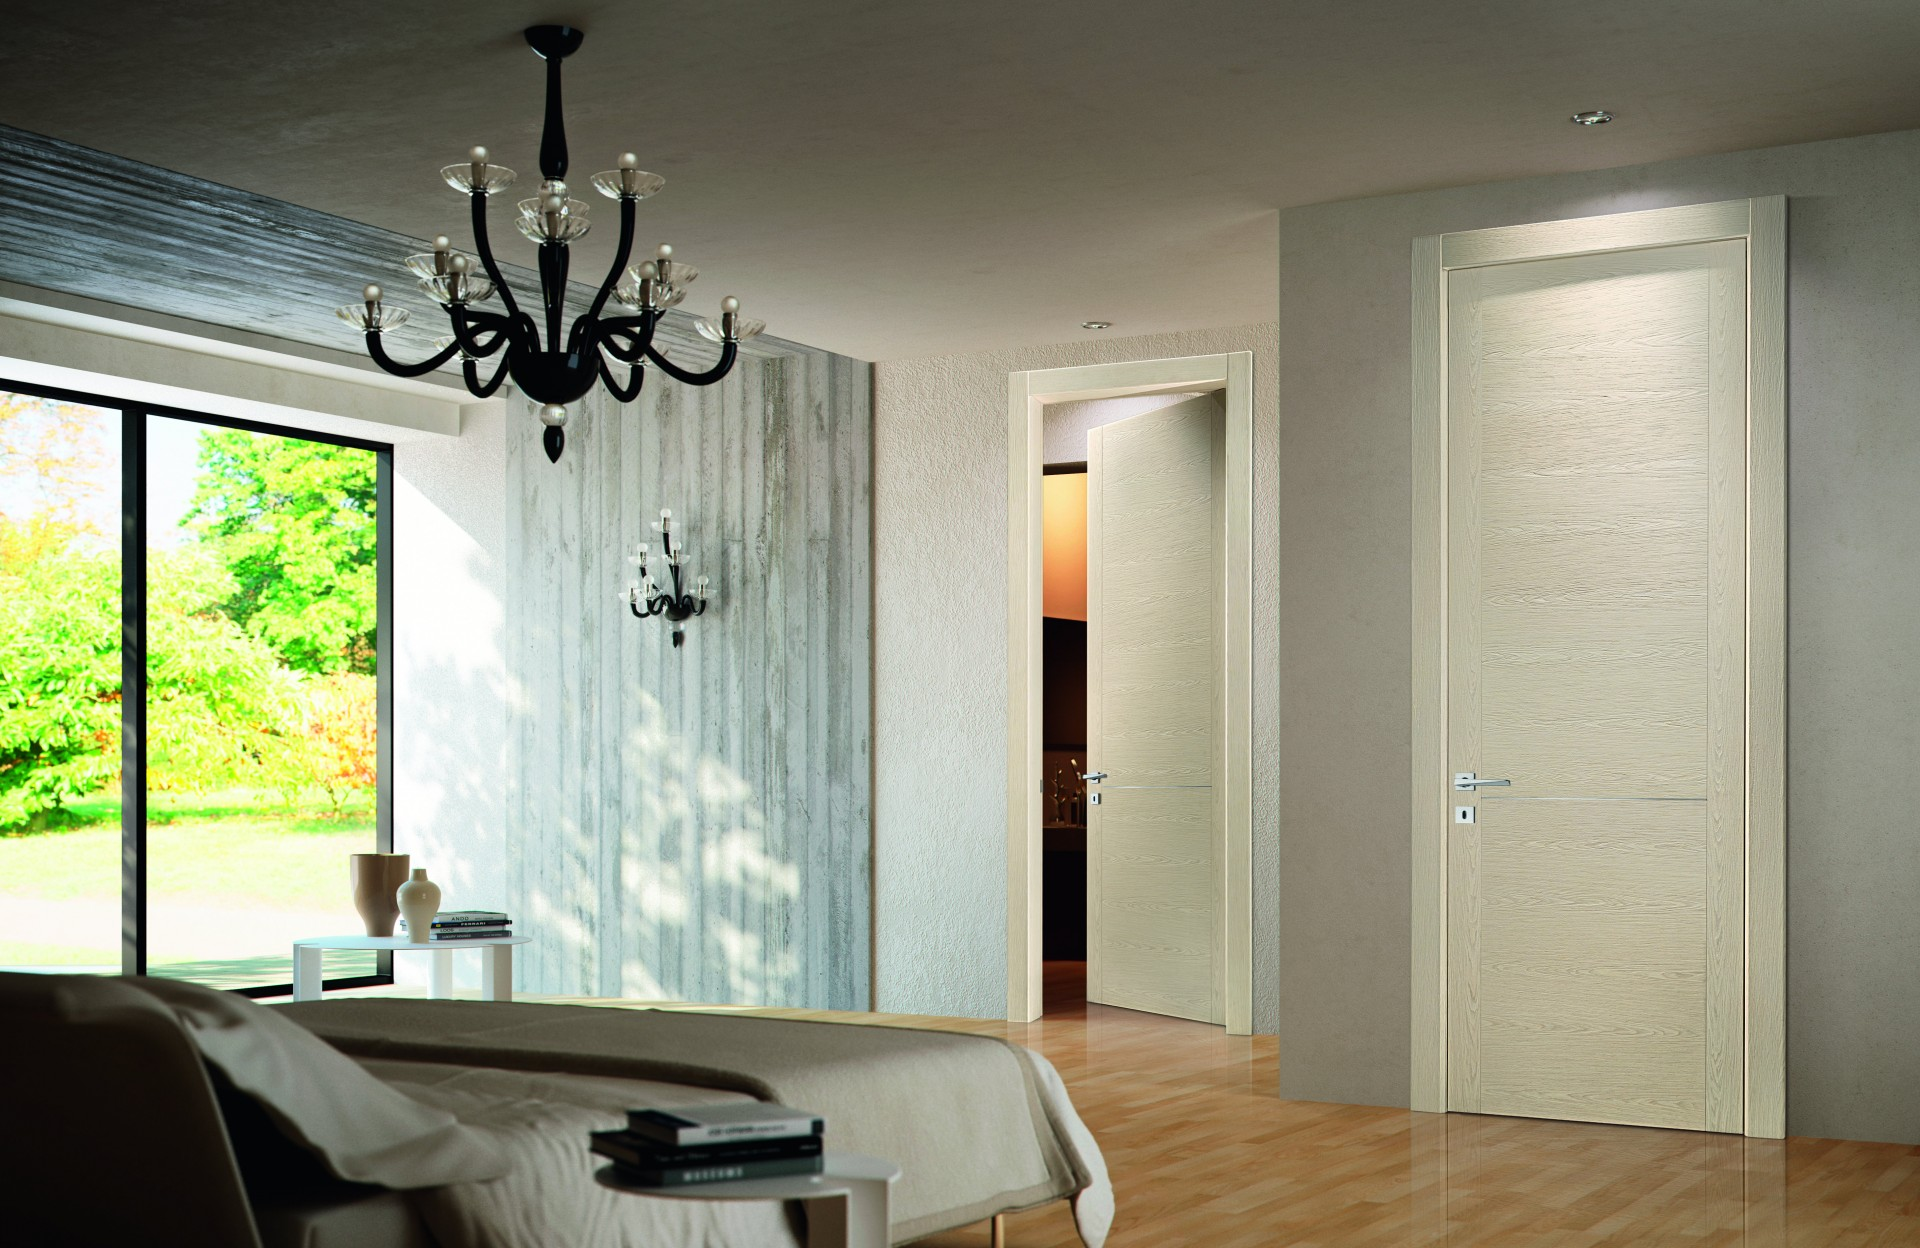 In legno rr serramenti rovigo infissi e porte alluminio legno pvc - Colore porte interne e infissi ...